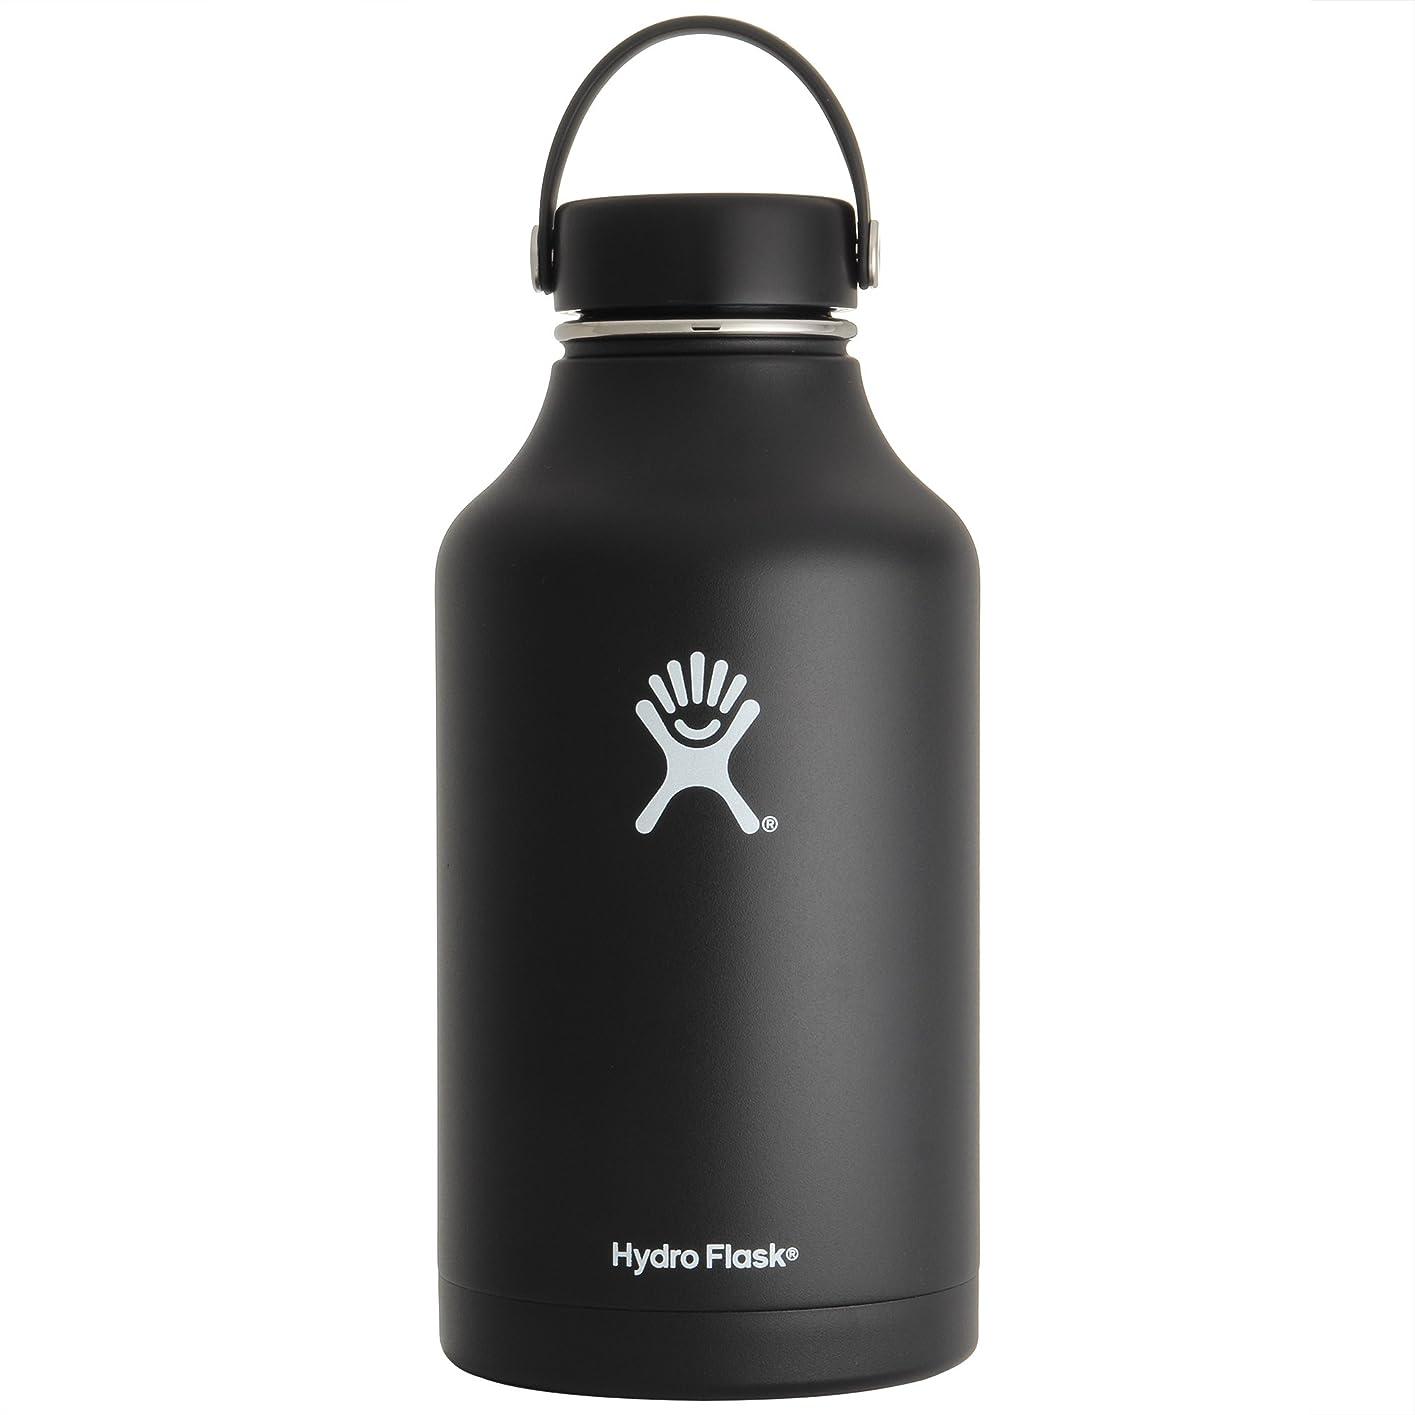 宴会国旗君主制Hydro Flask(ハイドロフラスク) HYDRATION_ワイド_64oz 1.9L